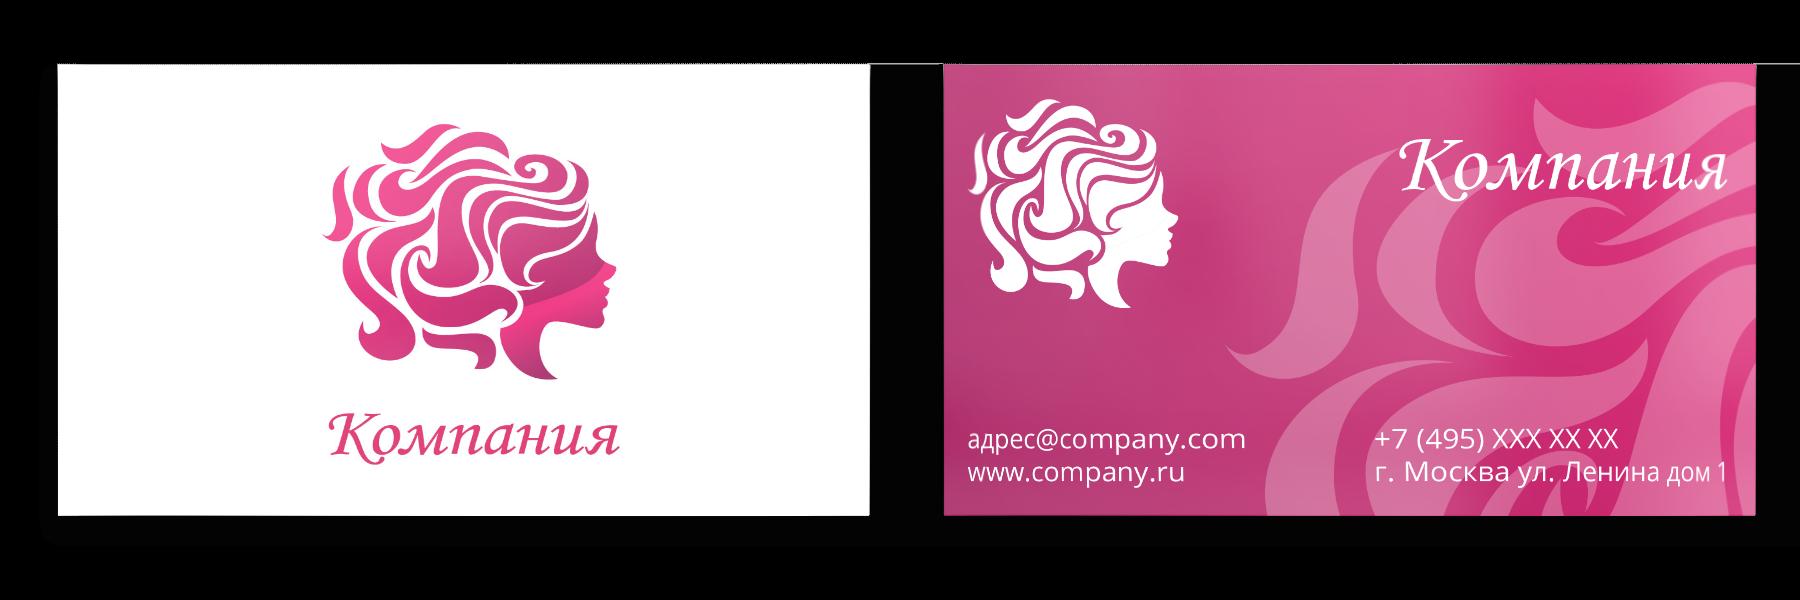 Корпоративные визитки пример дизайна